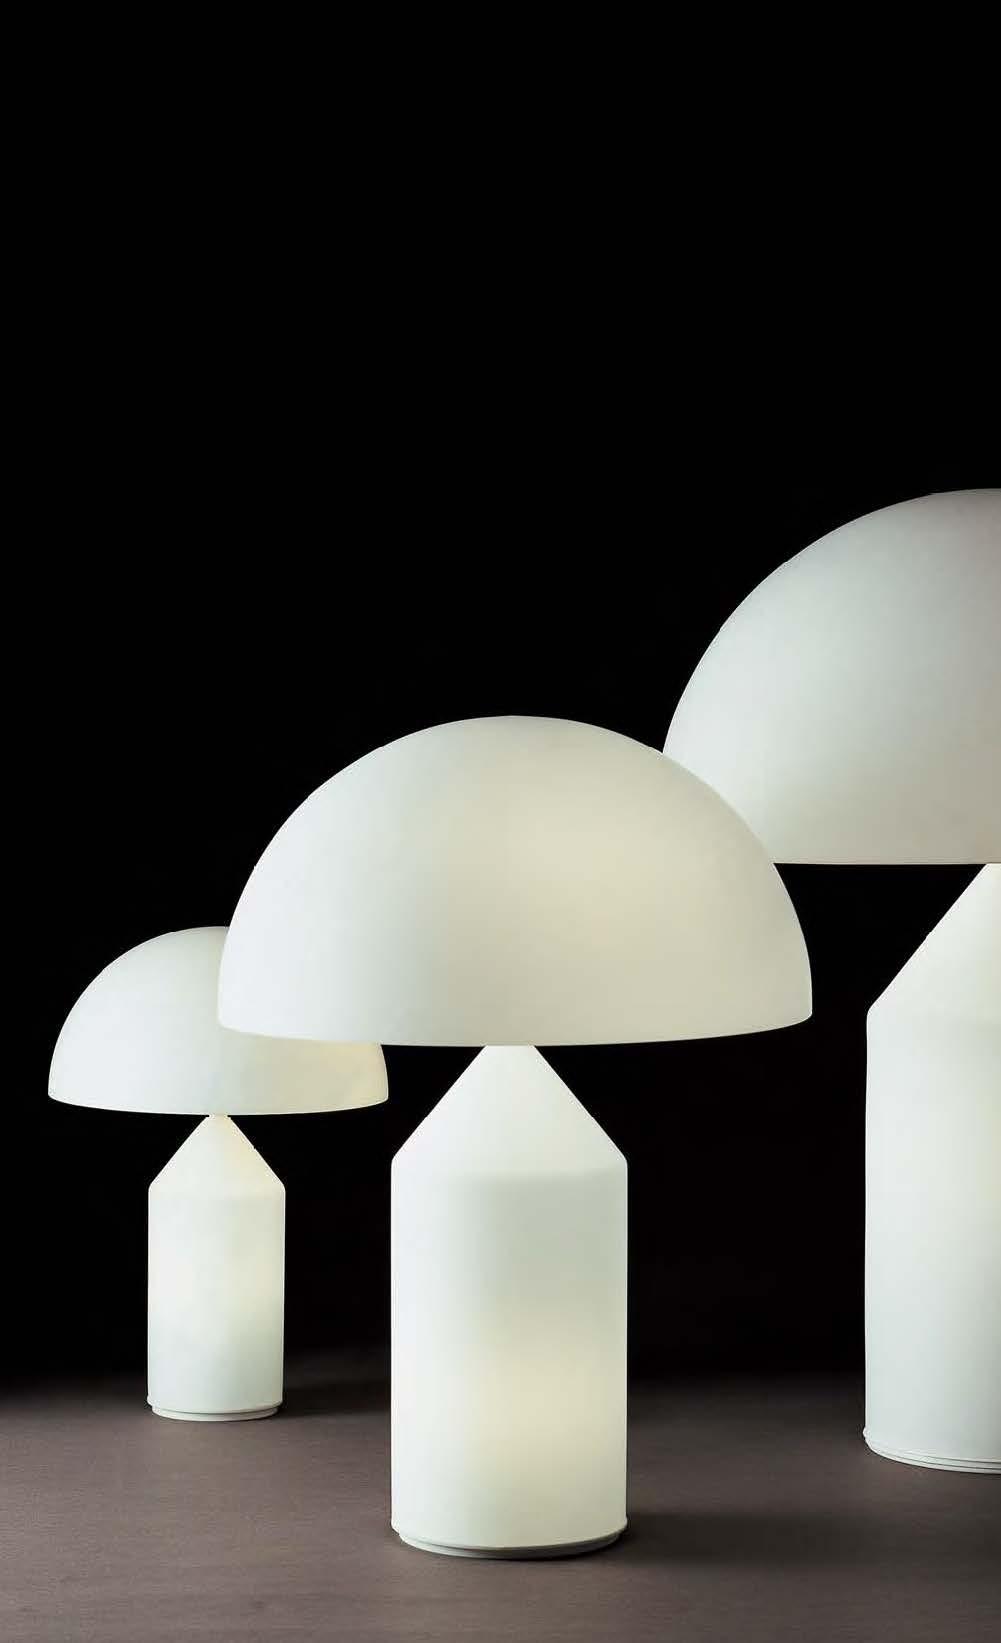 Atollo 237 lampada da tavolo oluce acquista online - Lampada da tavolo vico magistretti ...